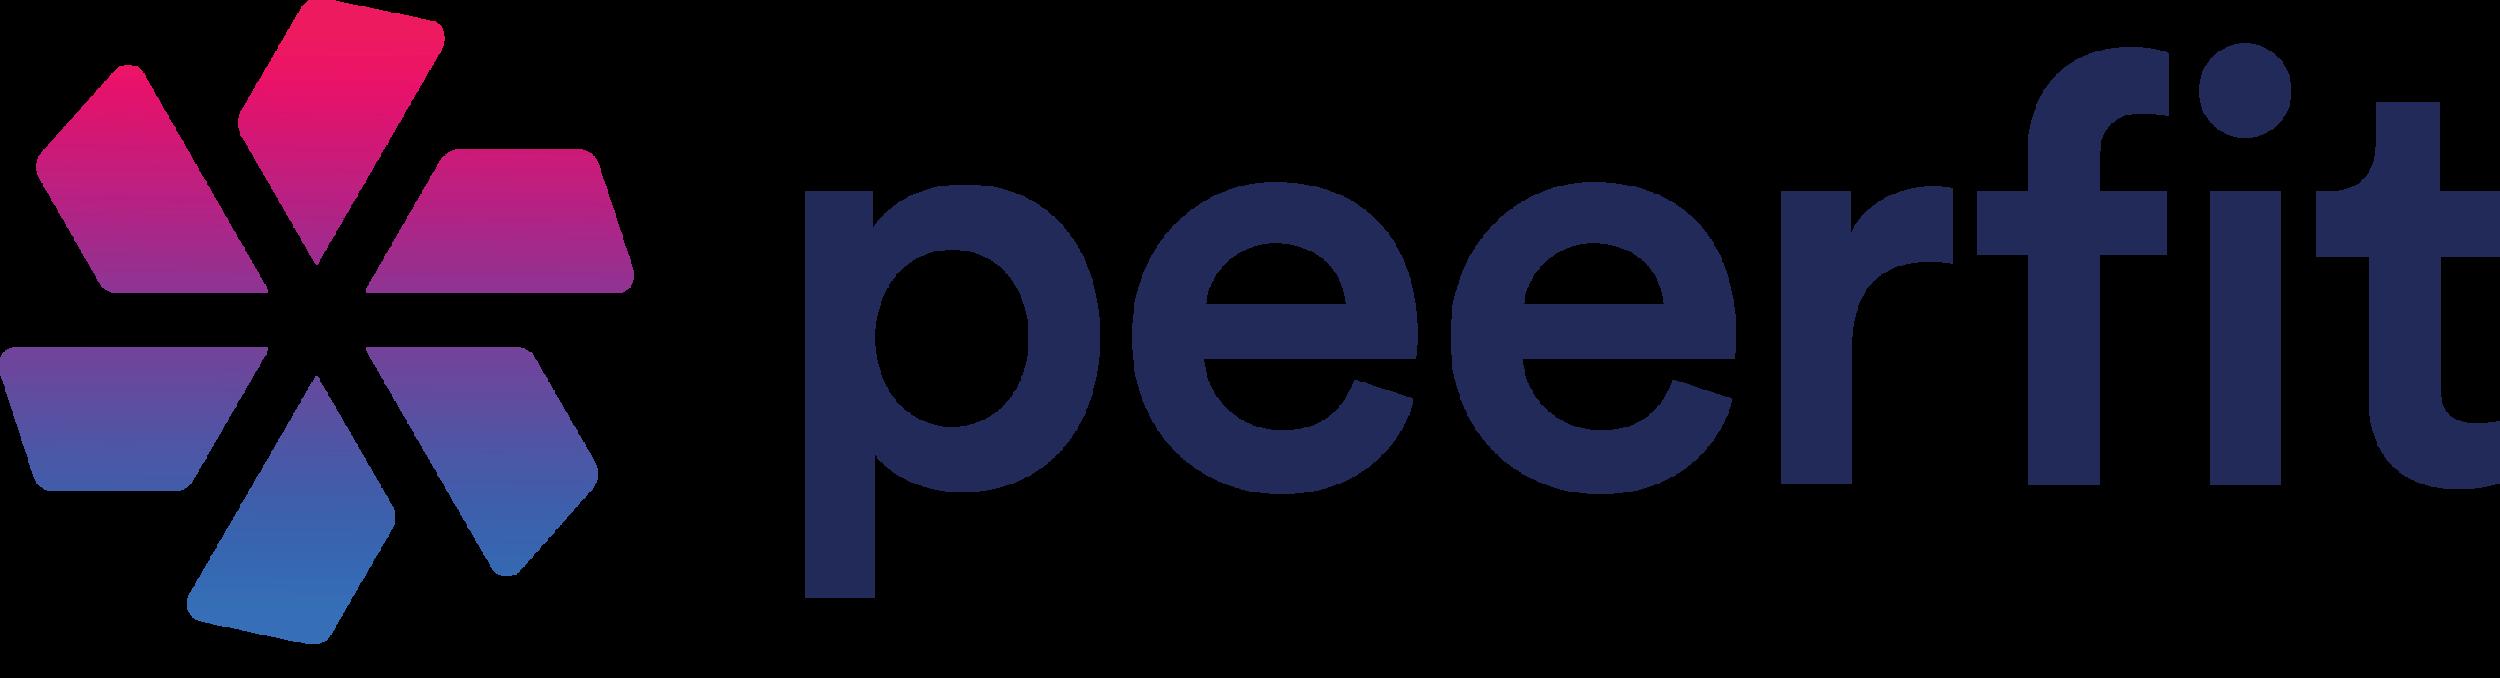 Peerfit-022719-v2.png